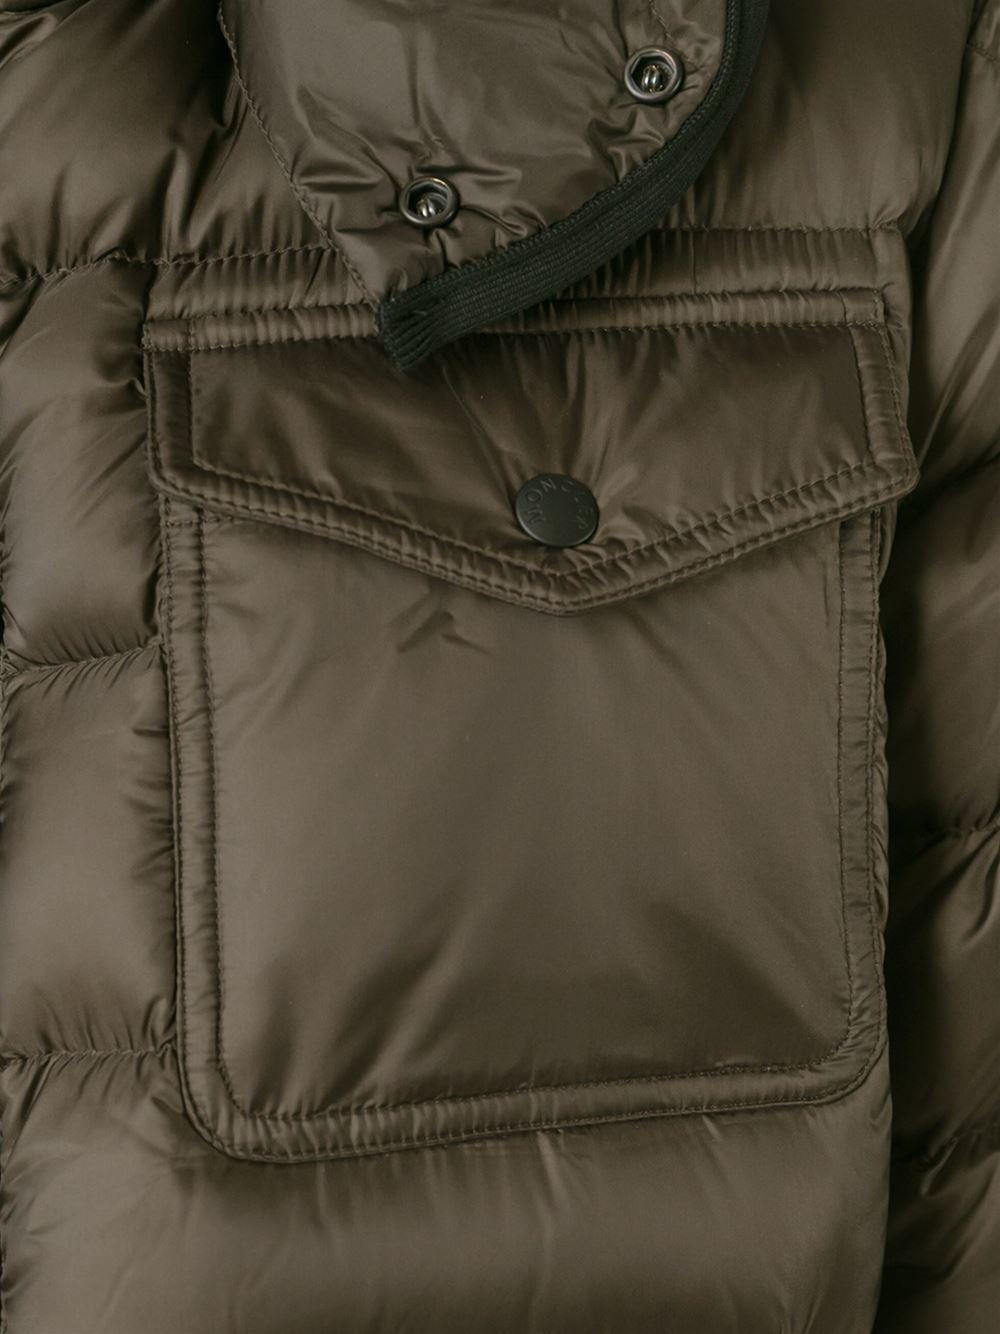 Moncler 'edward' Padded Jacket in Brown for Men